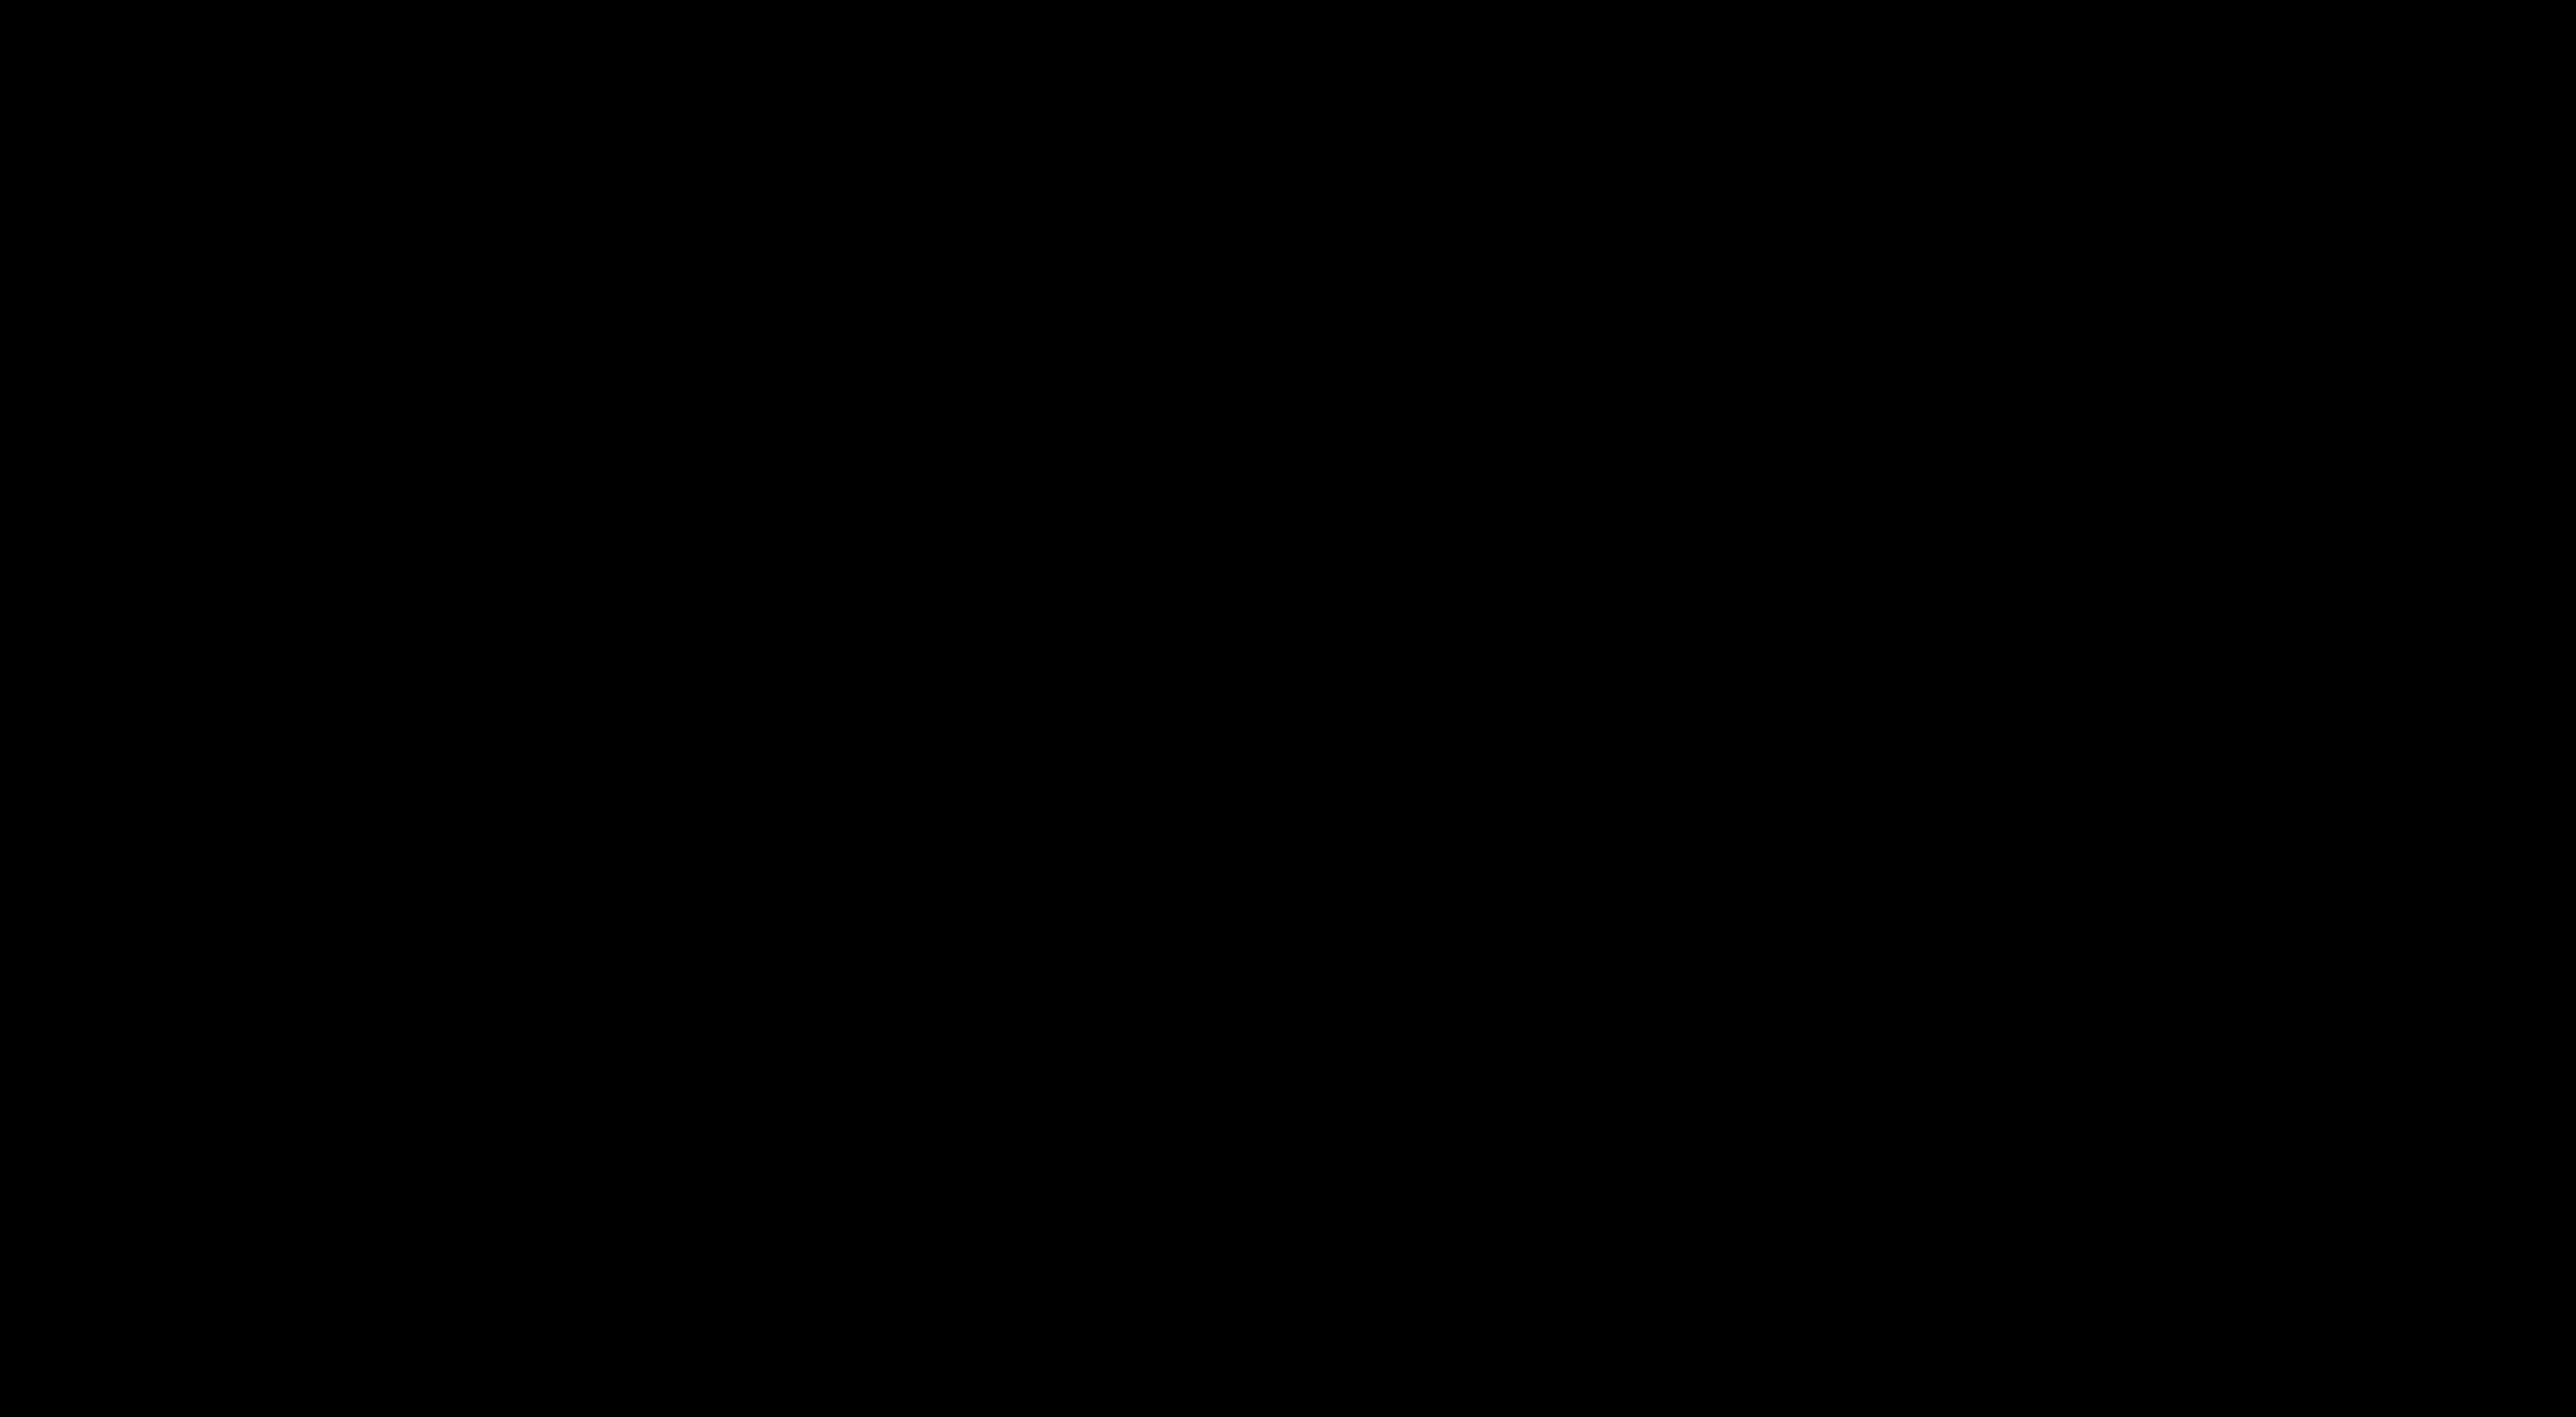 Logo_VeuveAmbal_Crémant de Bourgogne